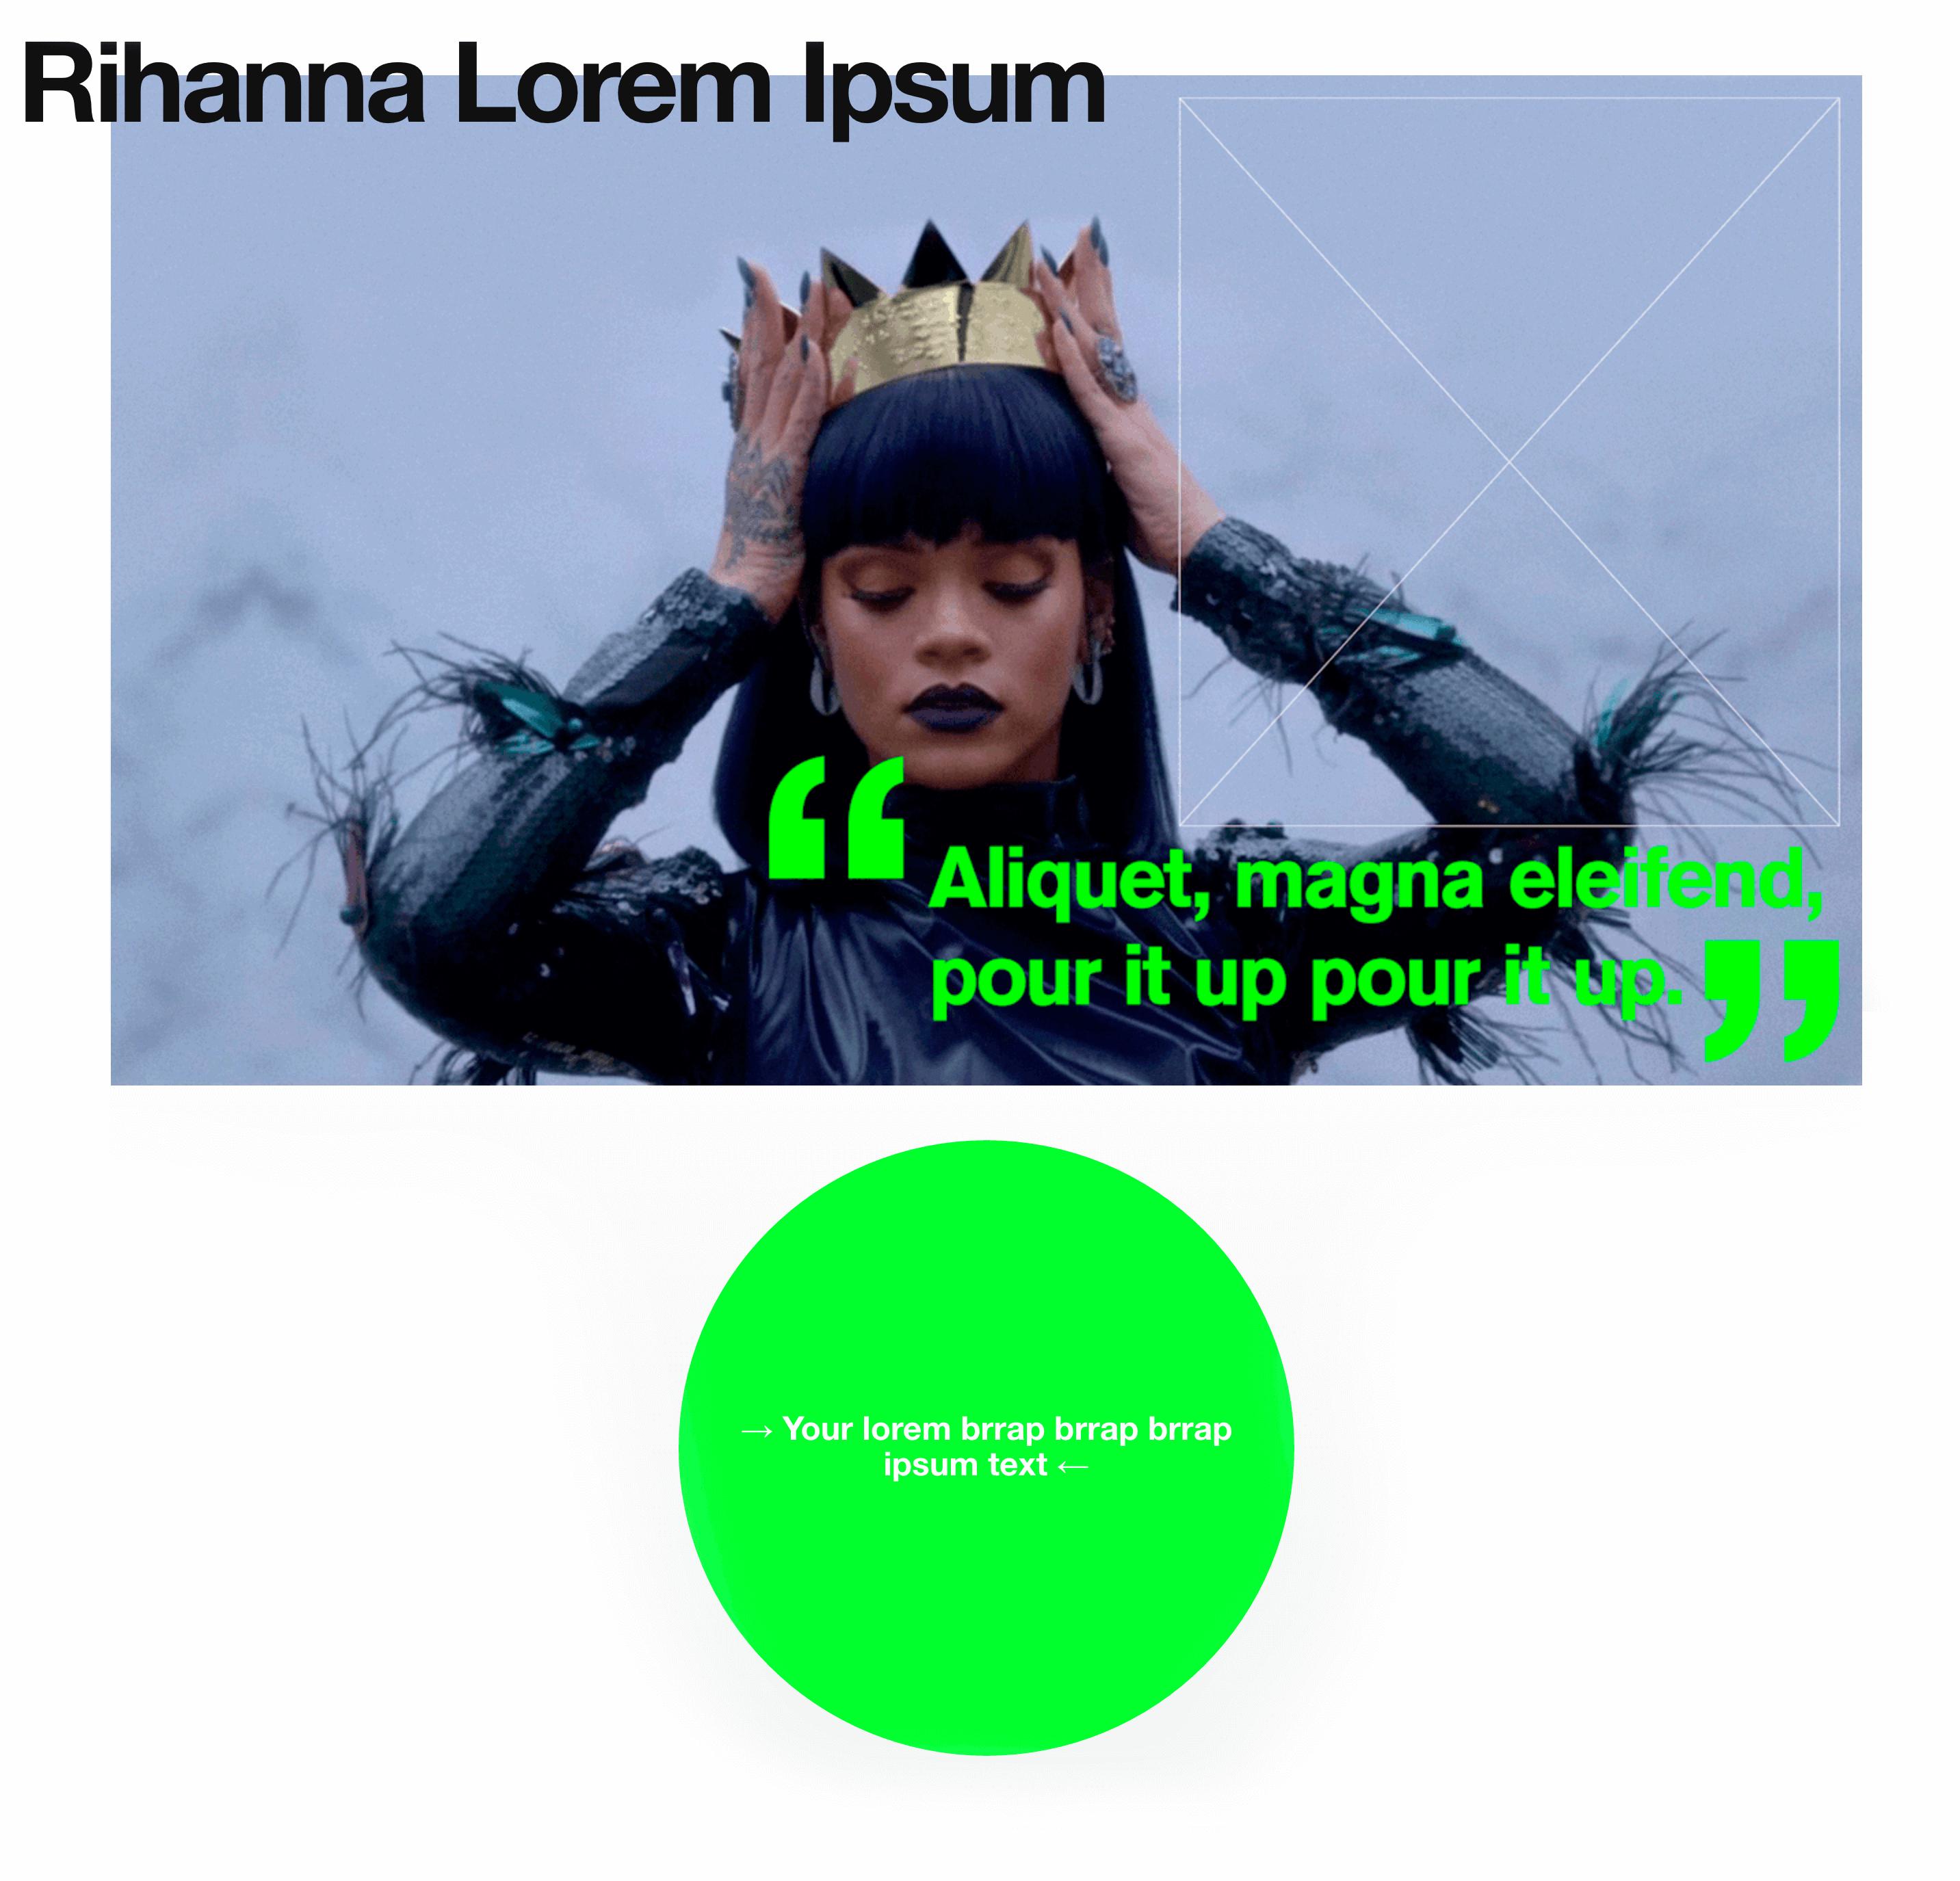 RLI-Tumblr-1